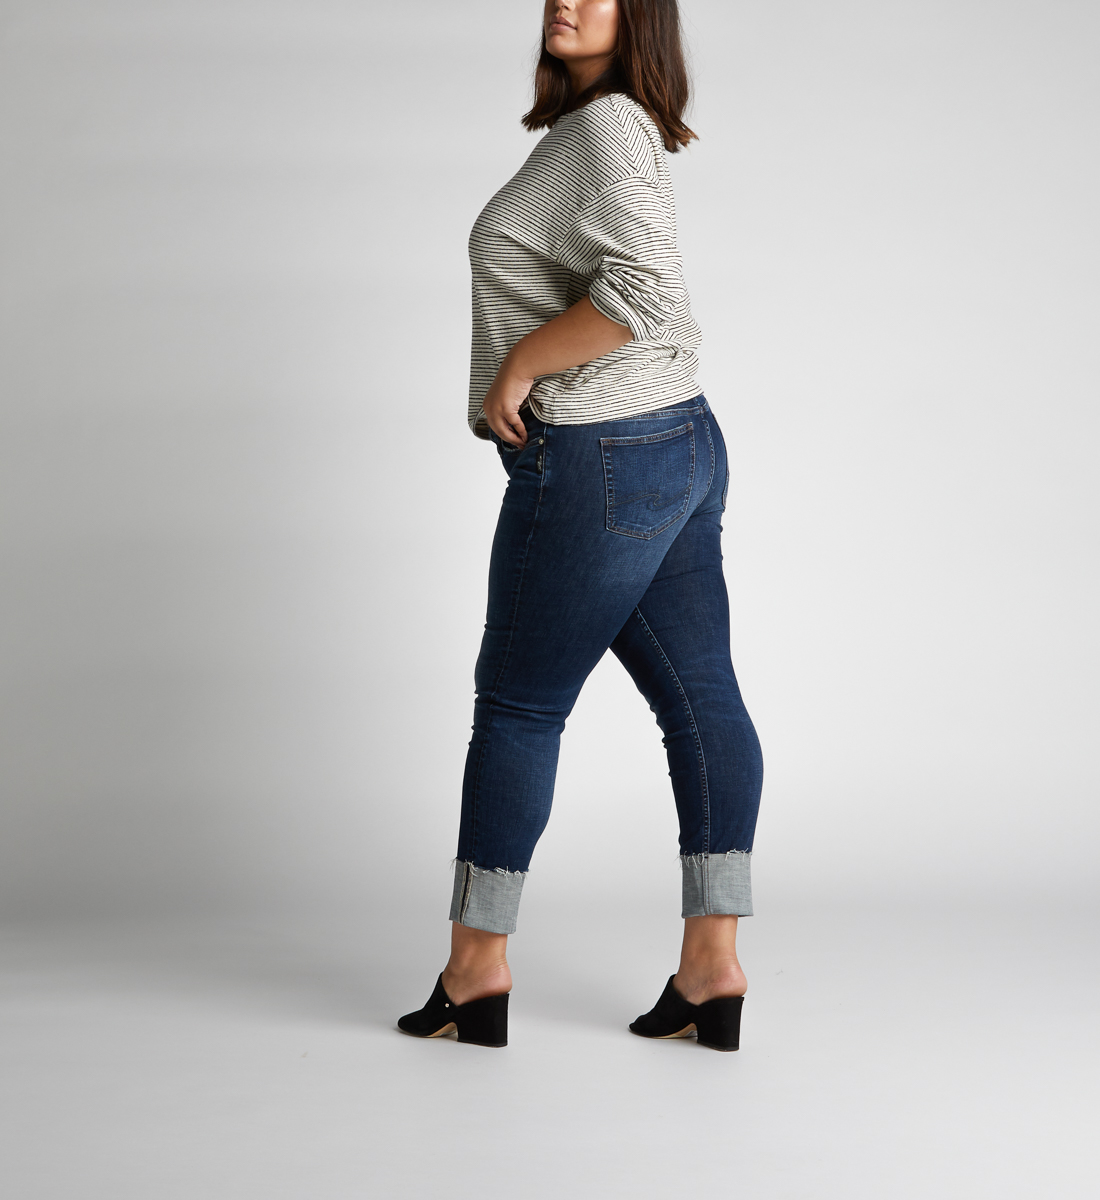 80548d7fc656a Elyse Mid Rise Slim Leg Jeans Plus Size - Silver Jeans CA